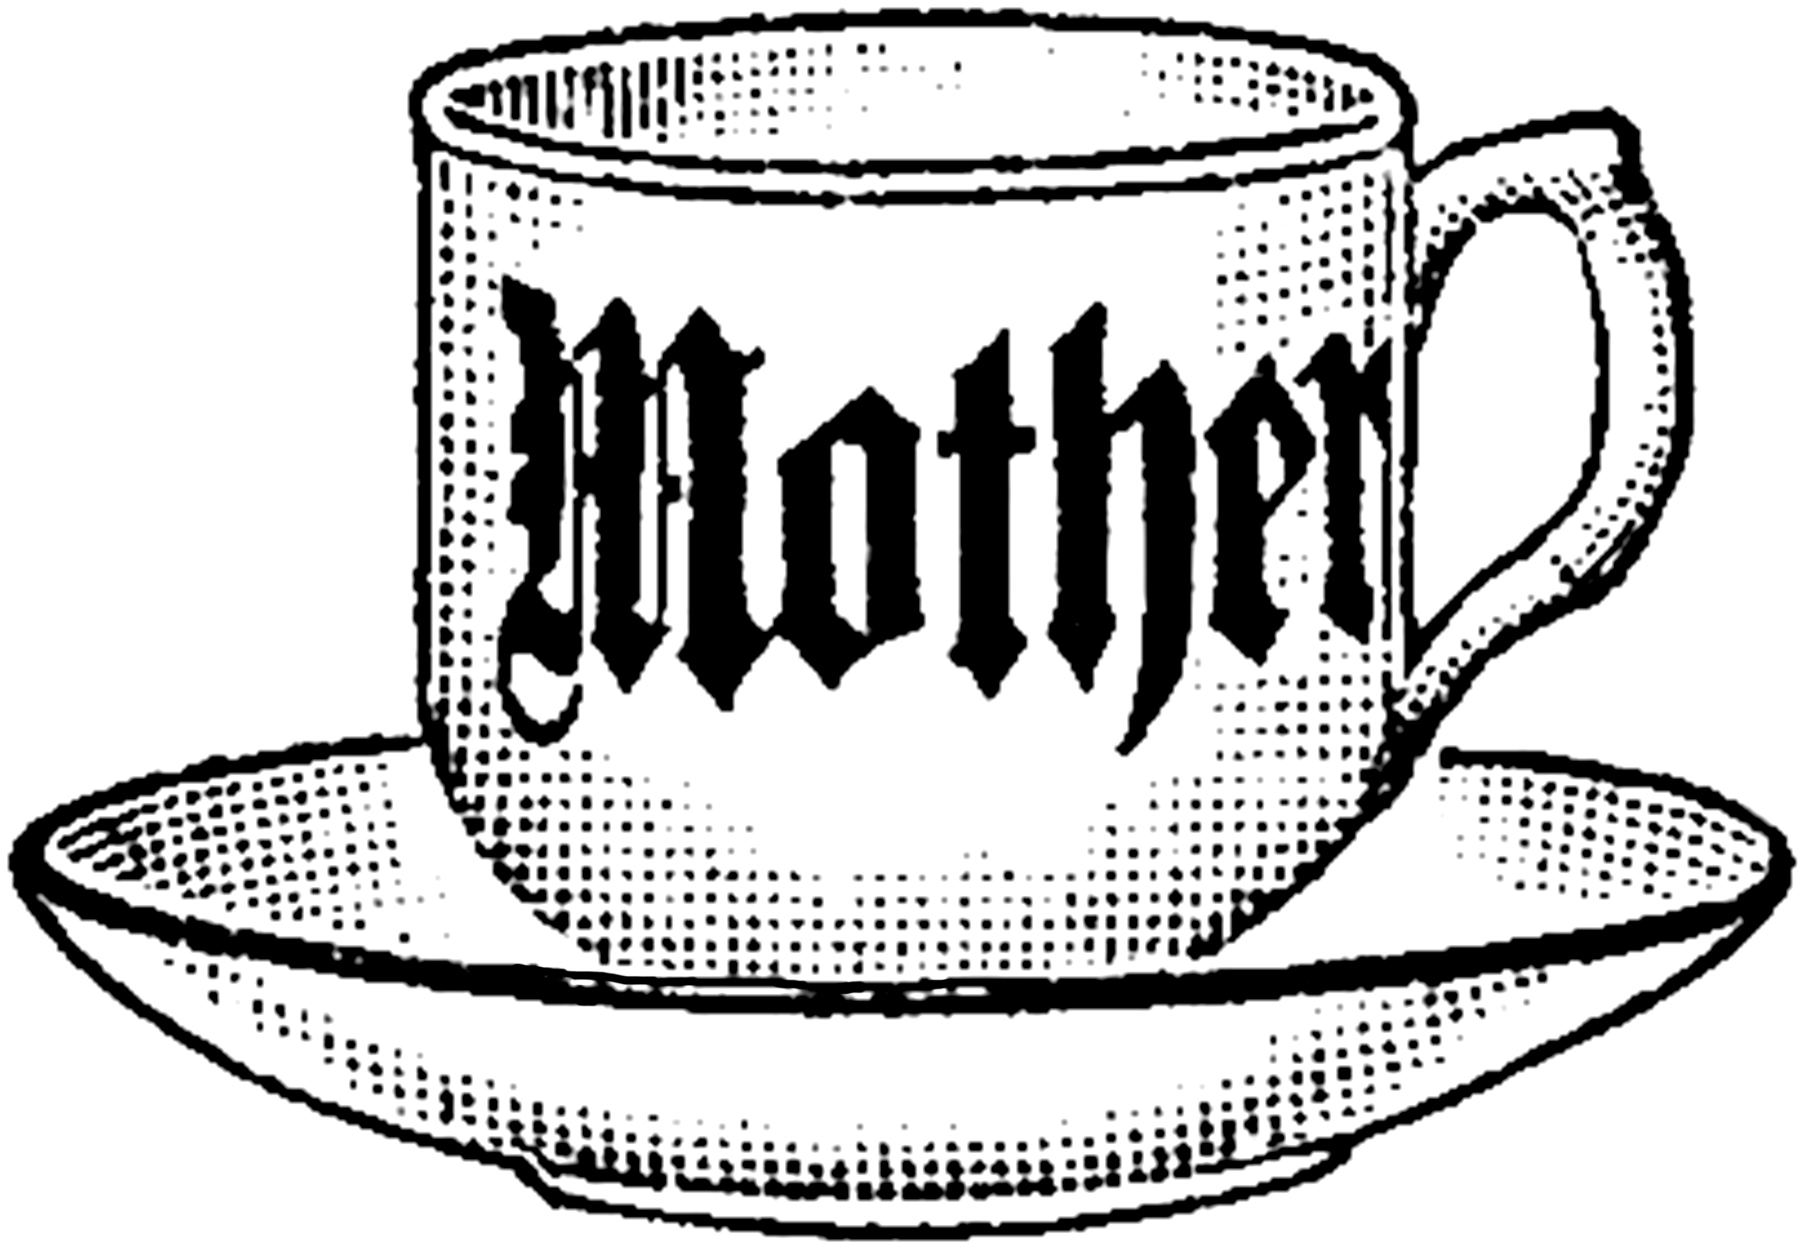 Vintage Mother Teacup Image